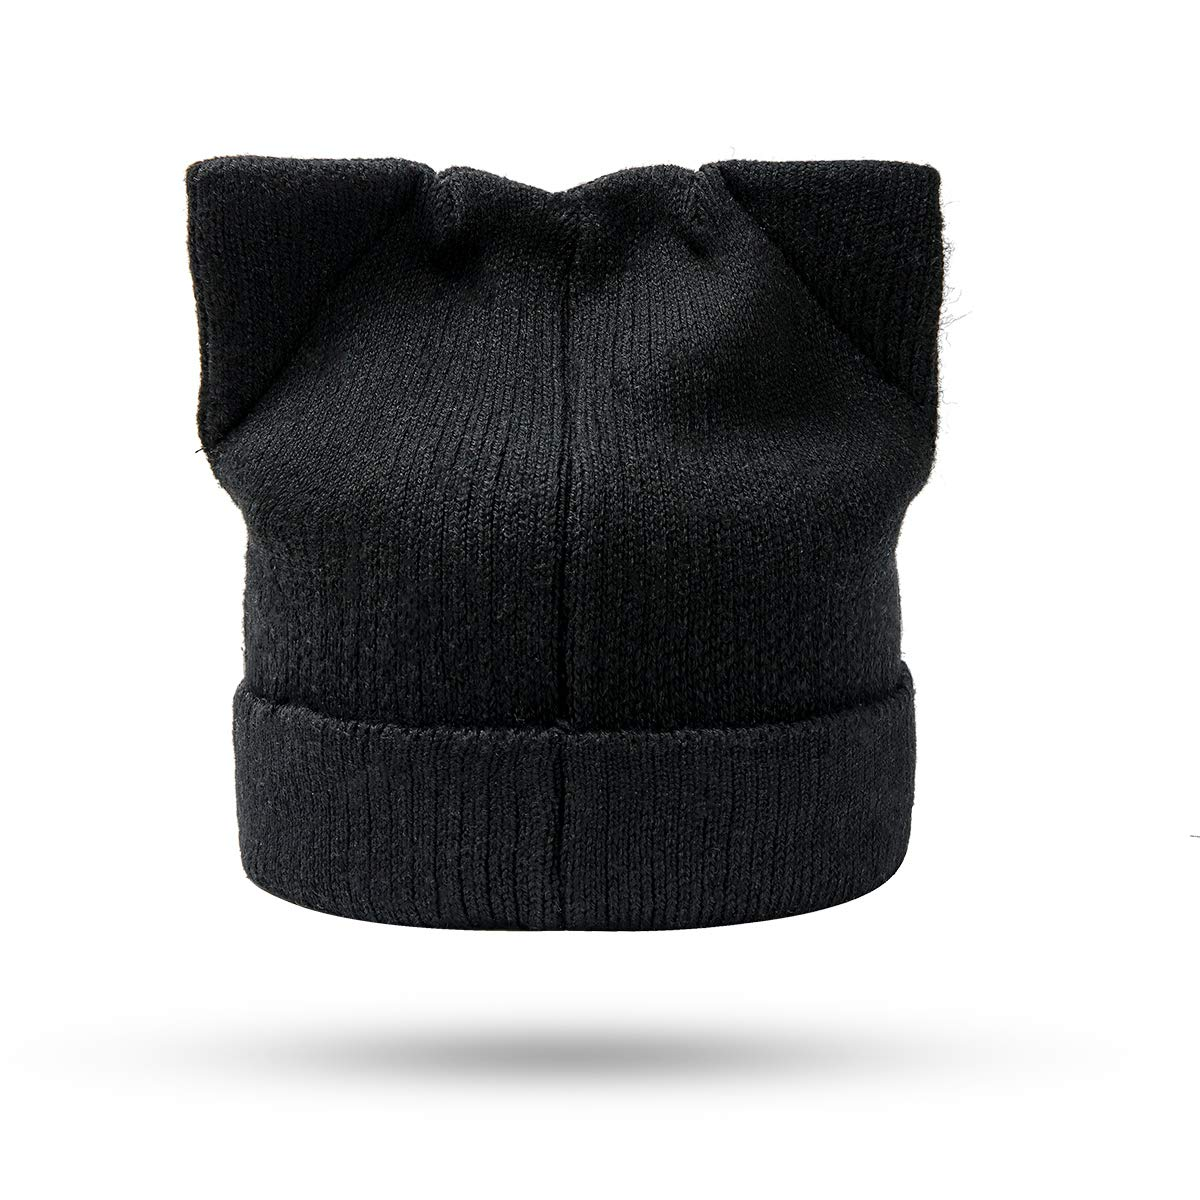 Flowomen Womens Winter Hat Cat Ear Hat with Warm Knit Crochet Slouchy Beanie Hat for Women (Black)